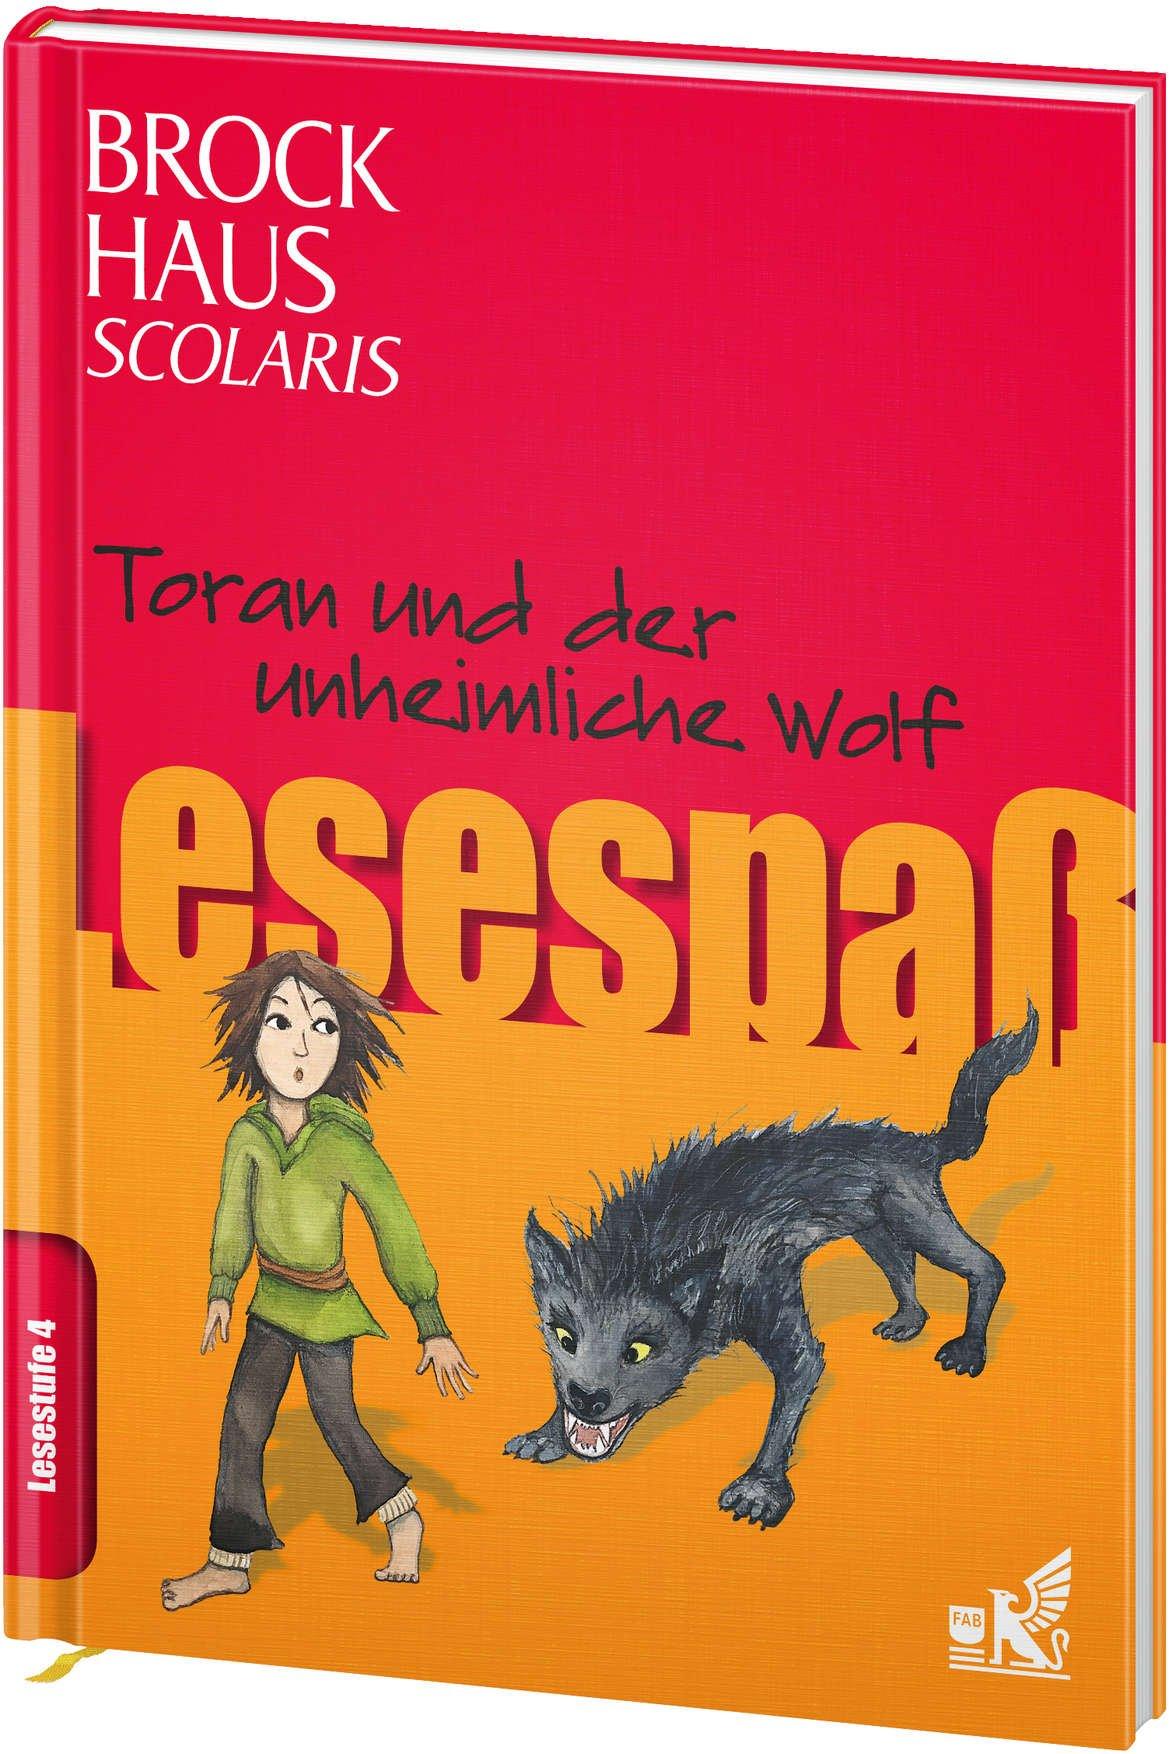 Brockhaus Scolaris Lesespaß: Toran und der unheimliche Wolf: Lesestufe 4